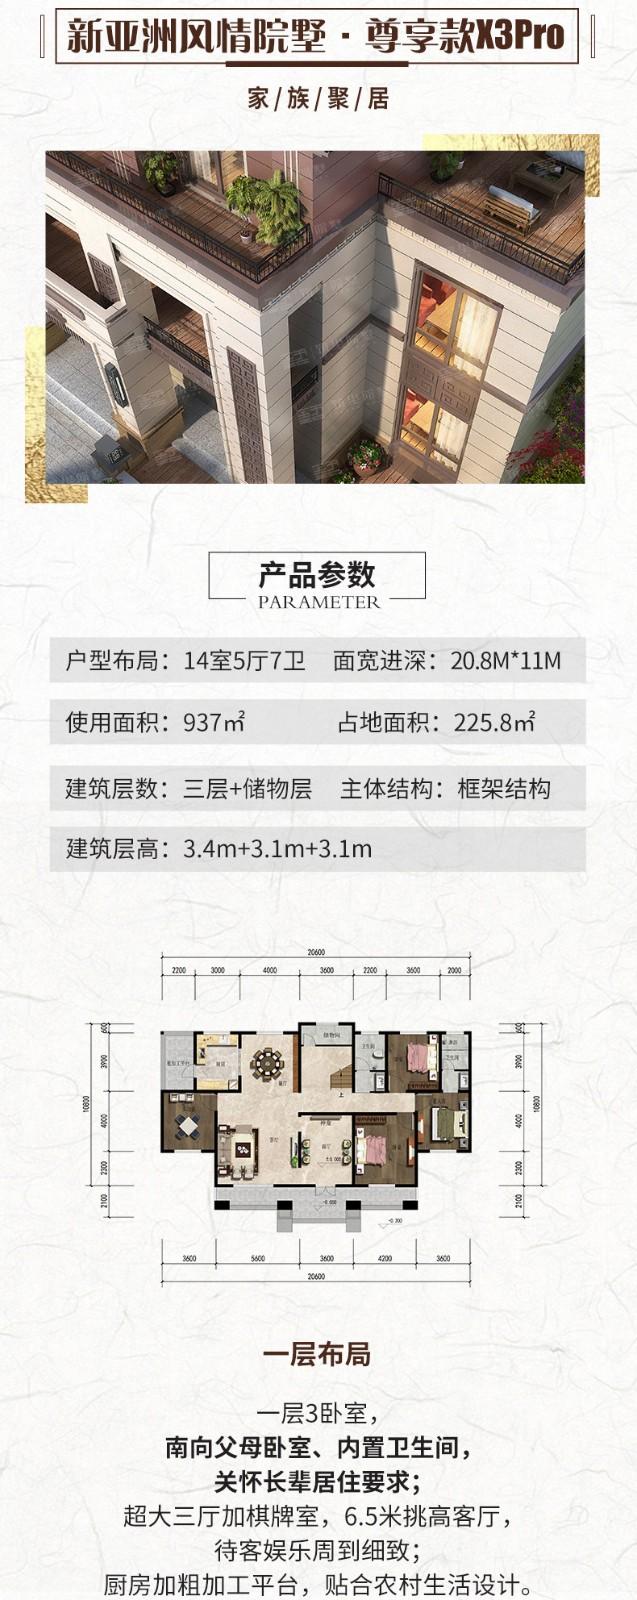 新亚洲风情院墅系列·尊享款X3Pro